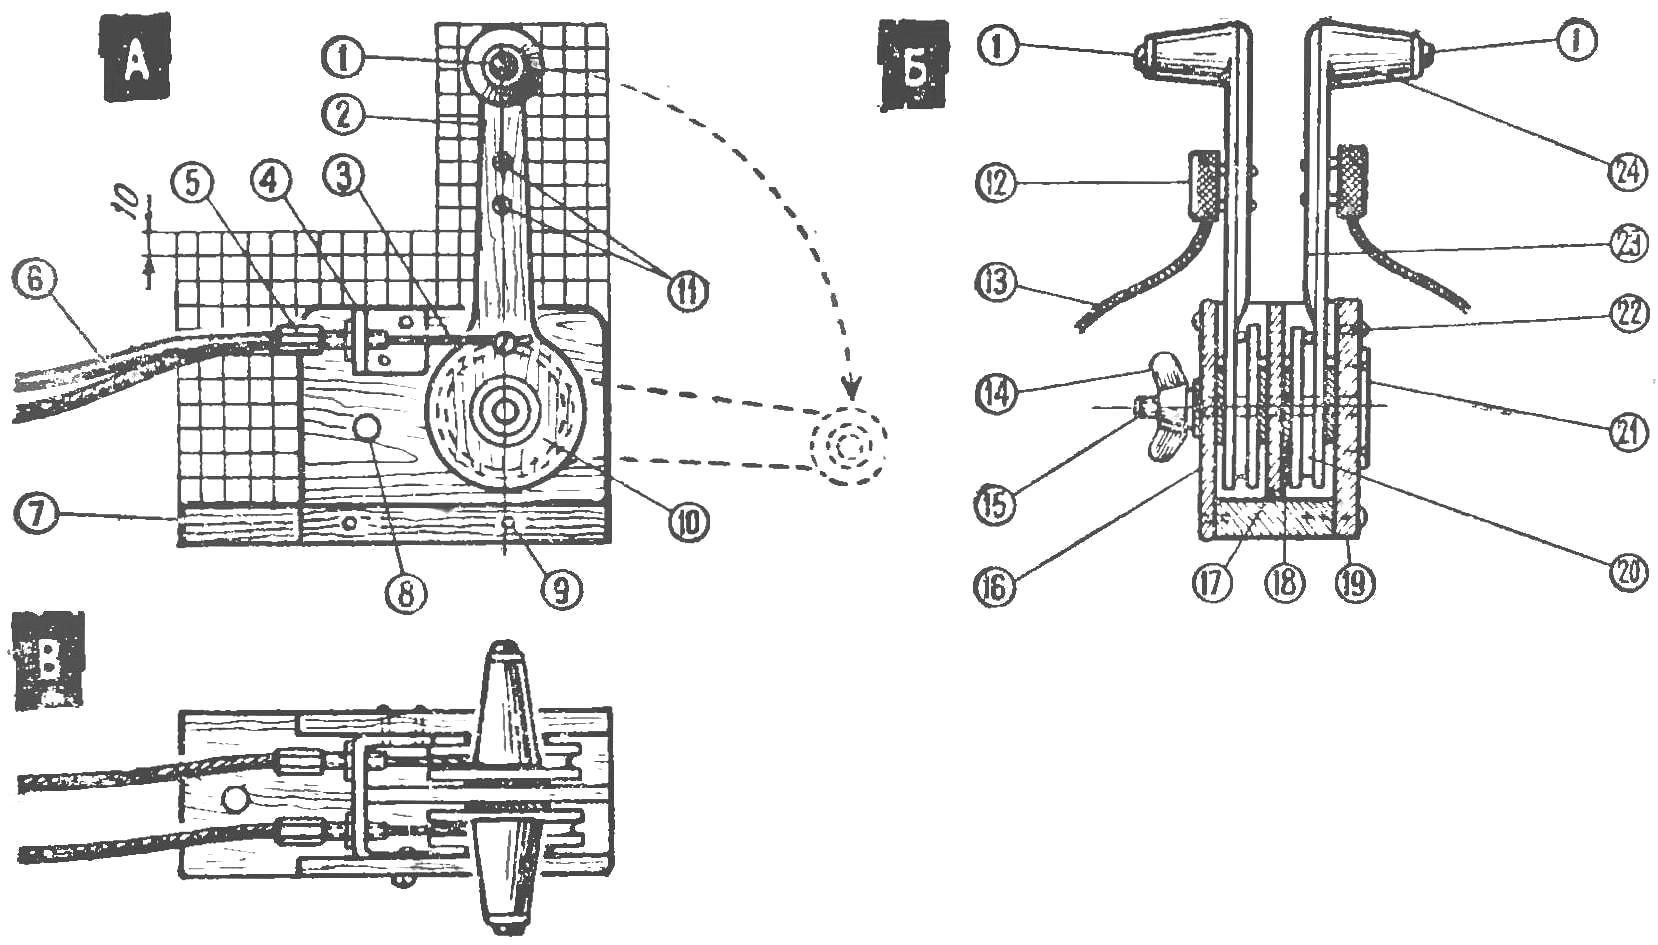 Рис. 5. Блок рычагов управления газом на два мотора (выполнен целиком из дерева)